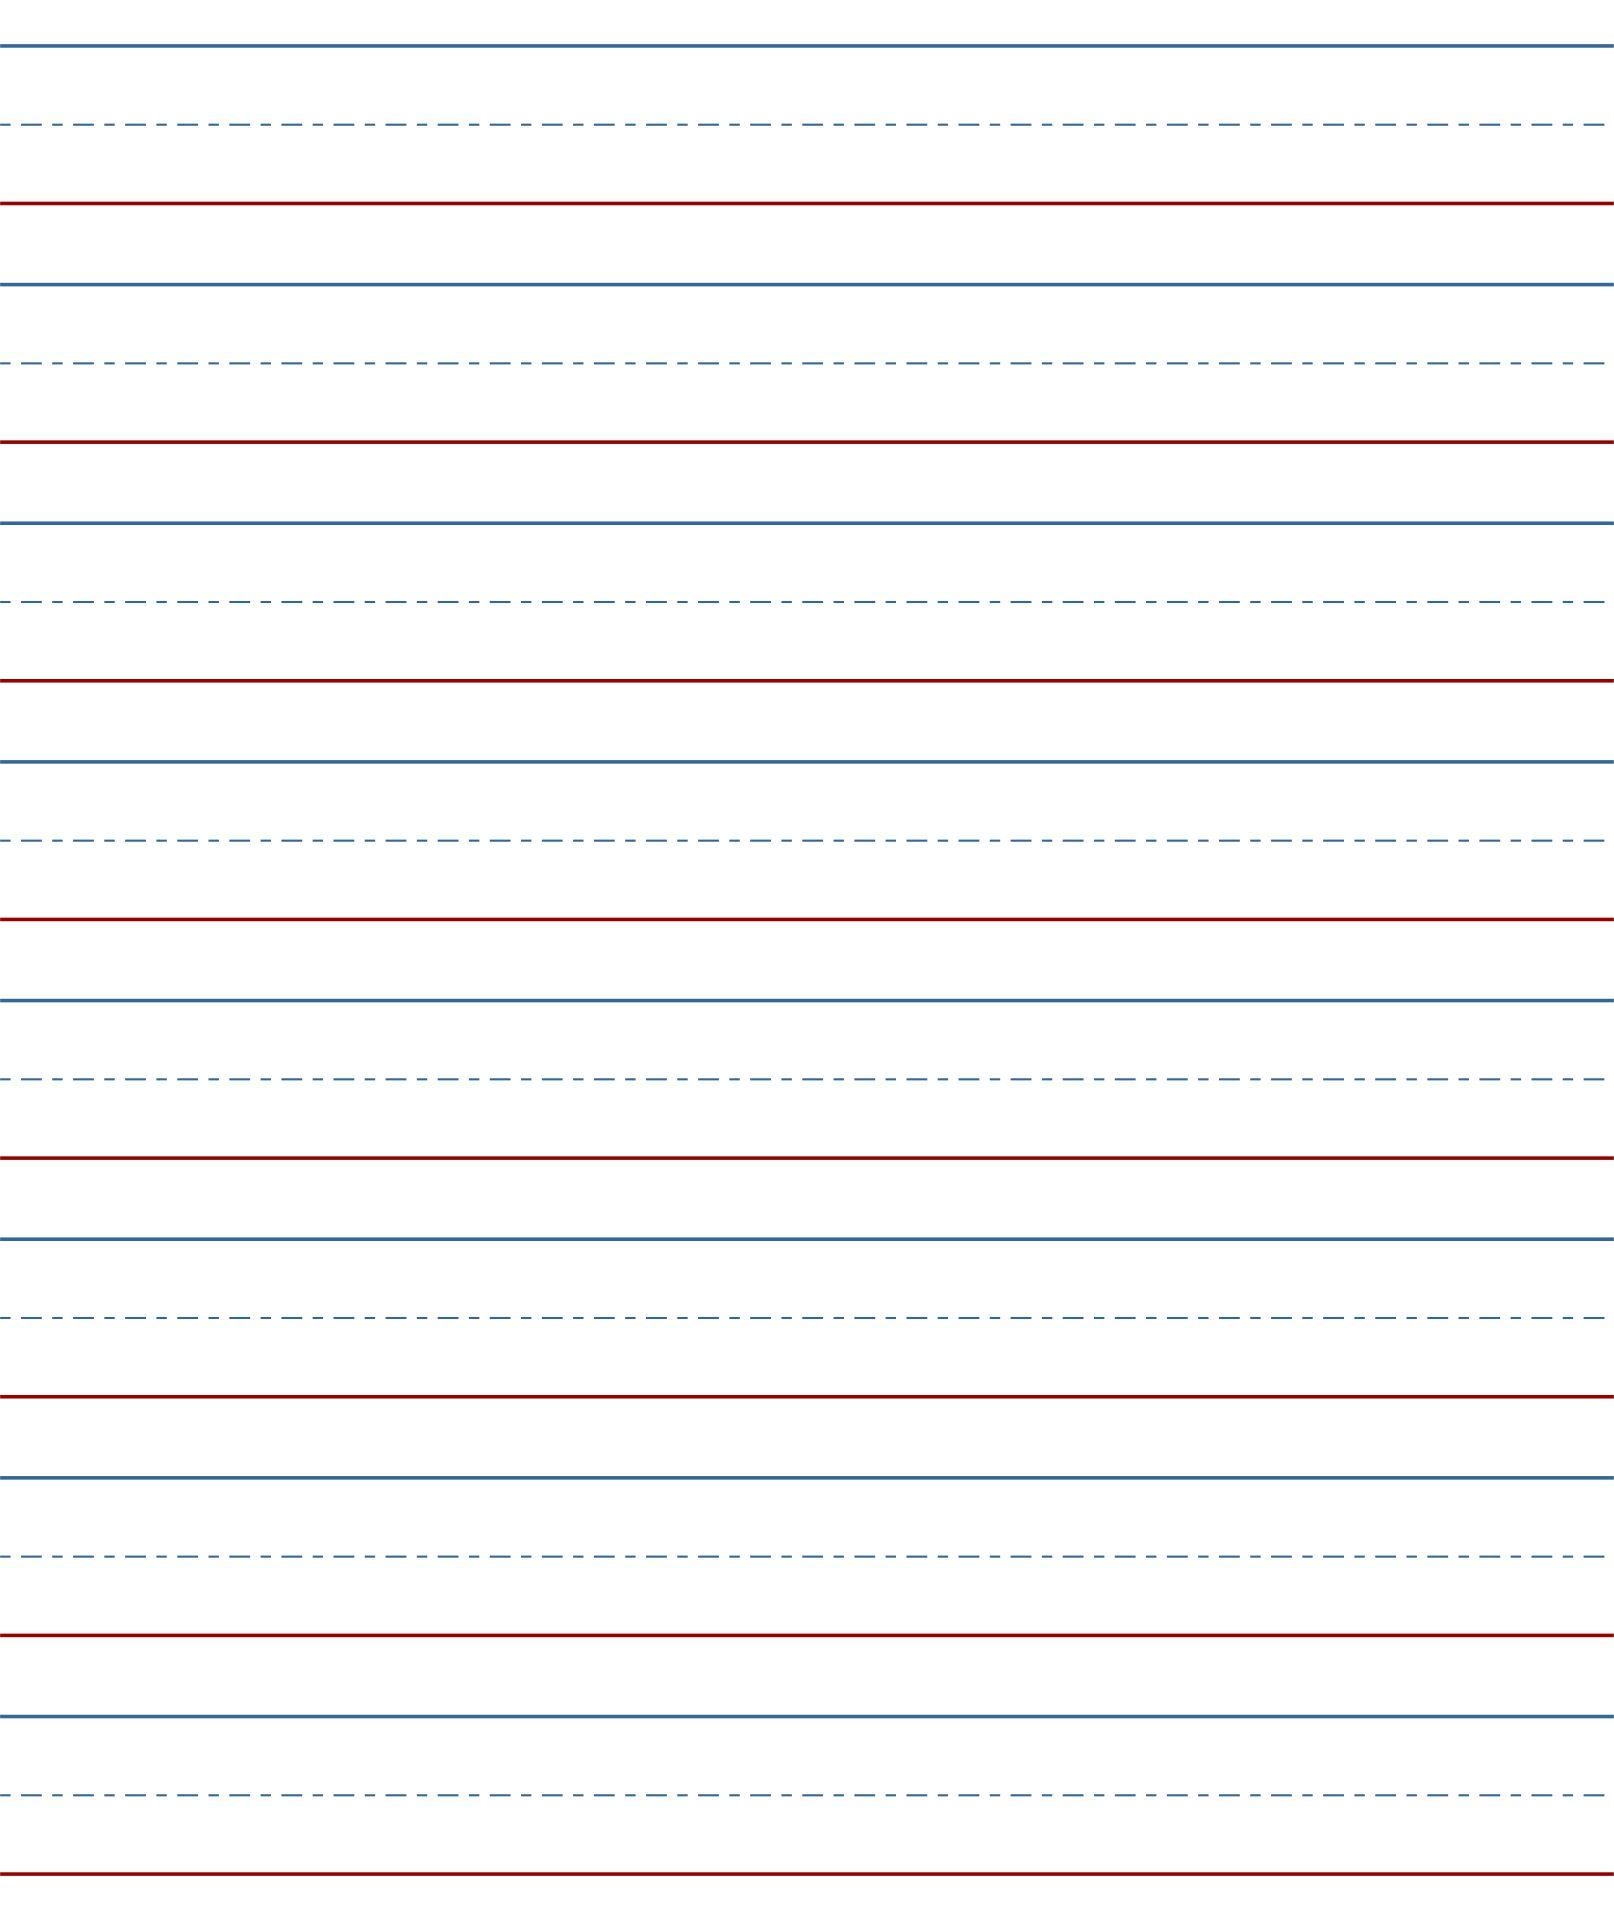 Blank Matching Worksheets : Kindergarten alphabet worksheets free best images of